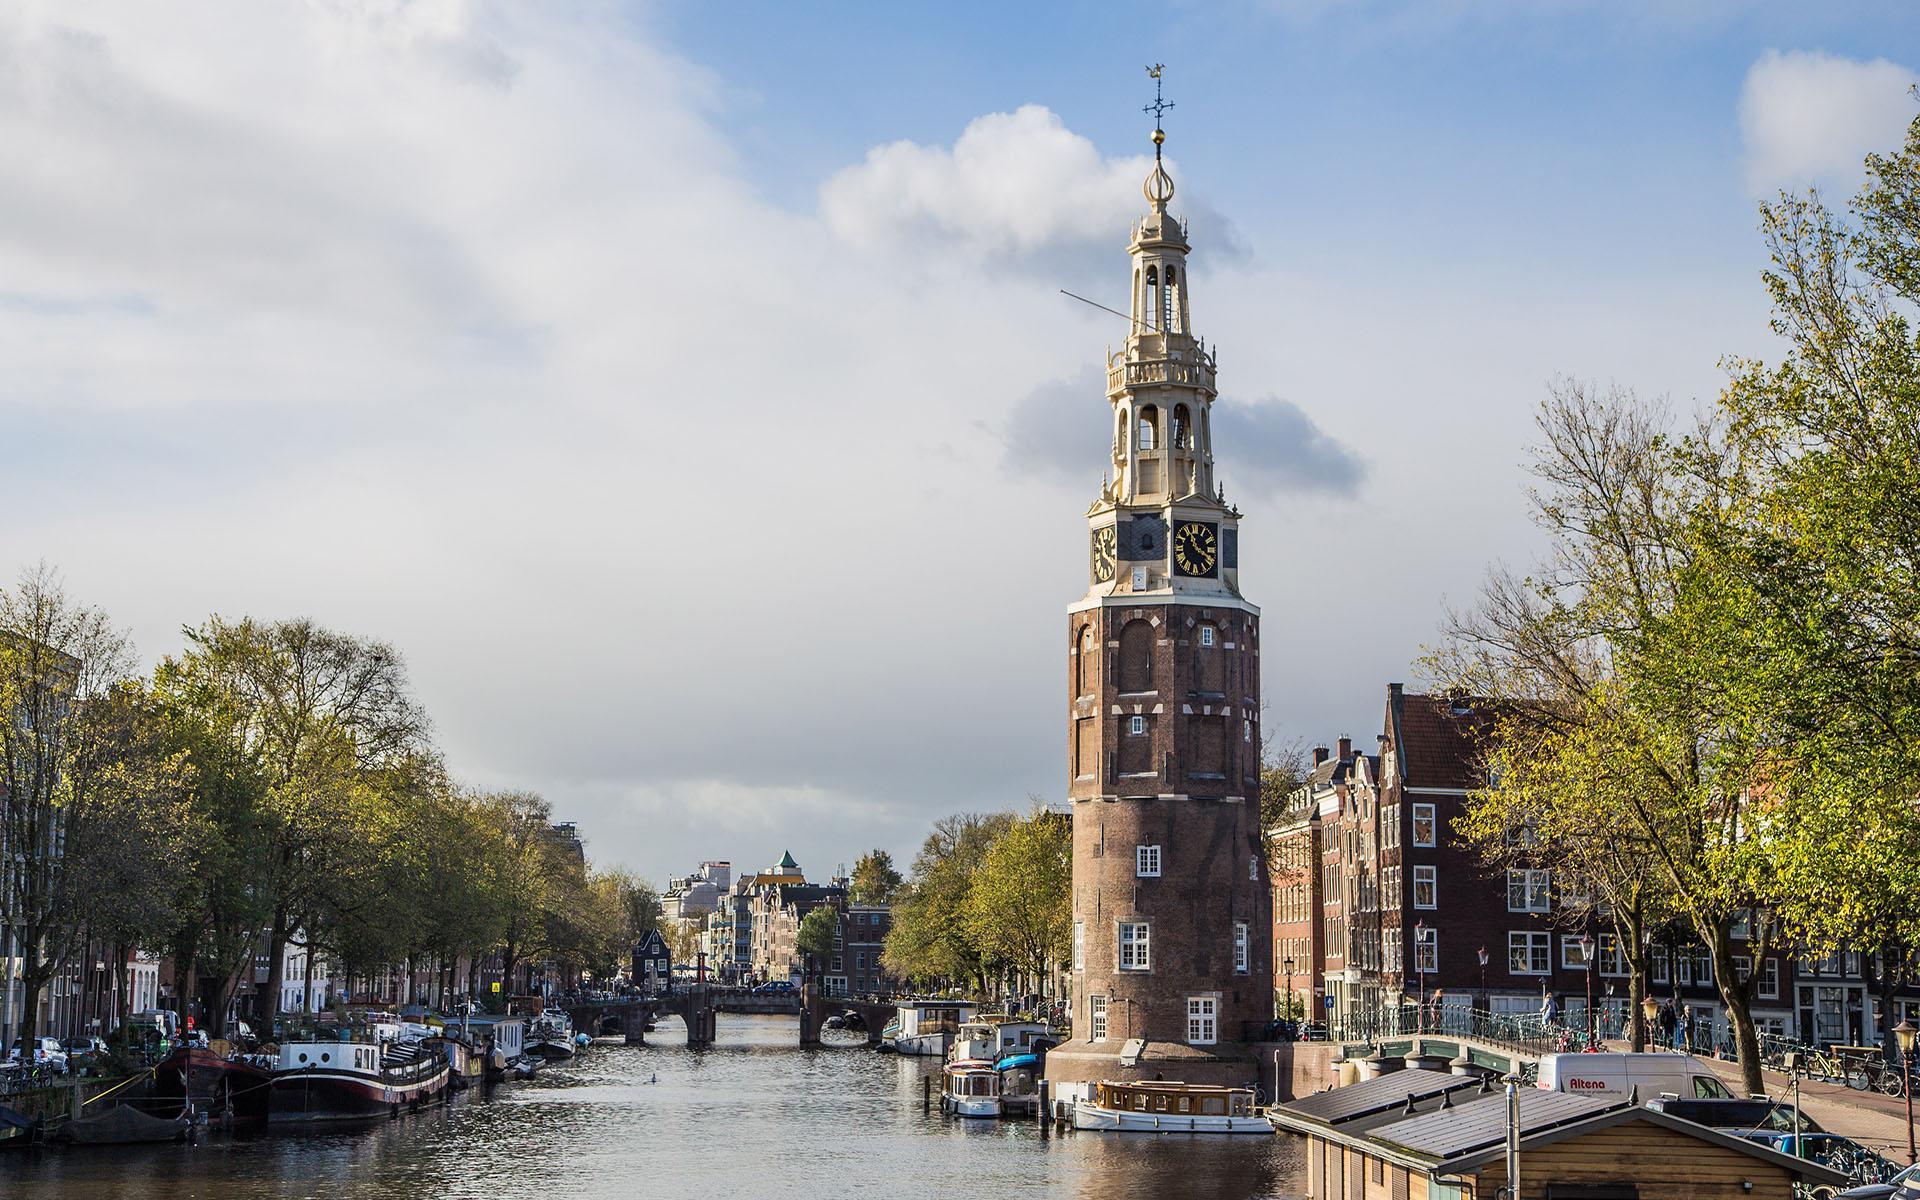 阿姆斯特丹风景图片桌面壁纸